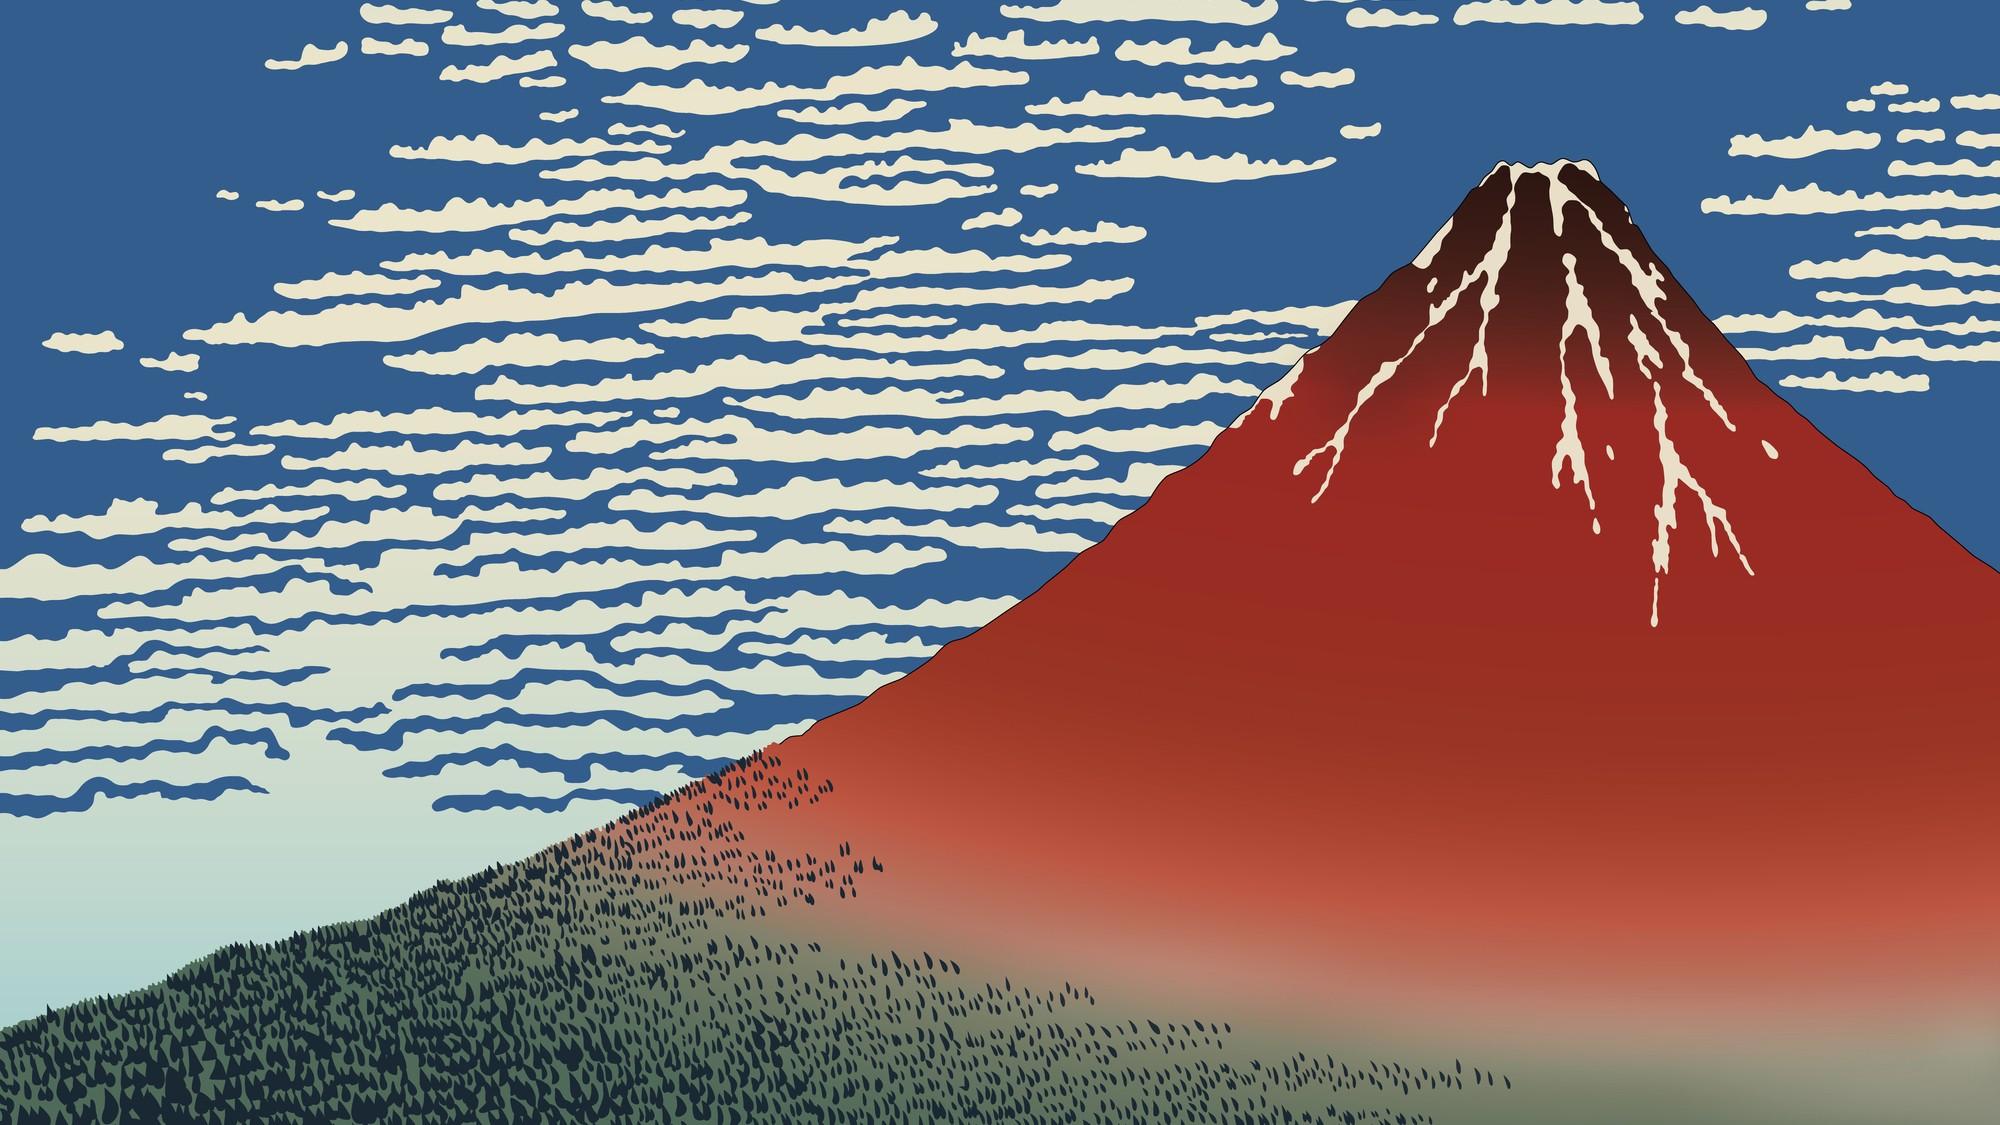 五千万円以上でも…「北斎の浮世絵」が高額で落札されるワケ